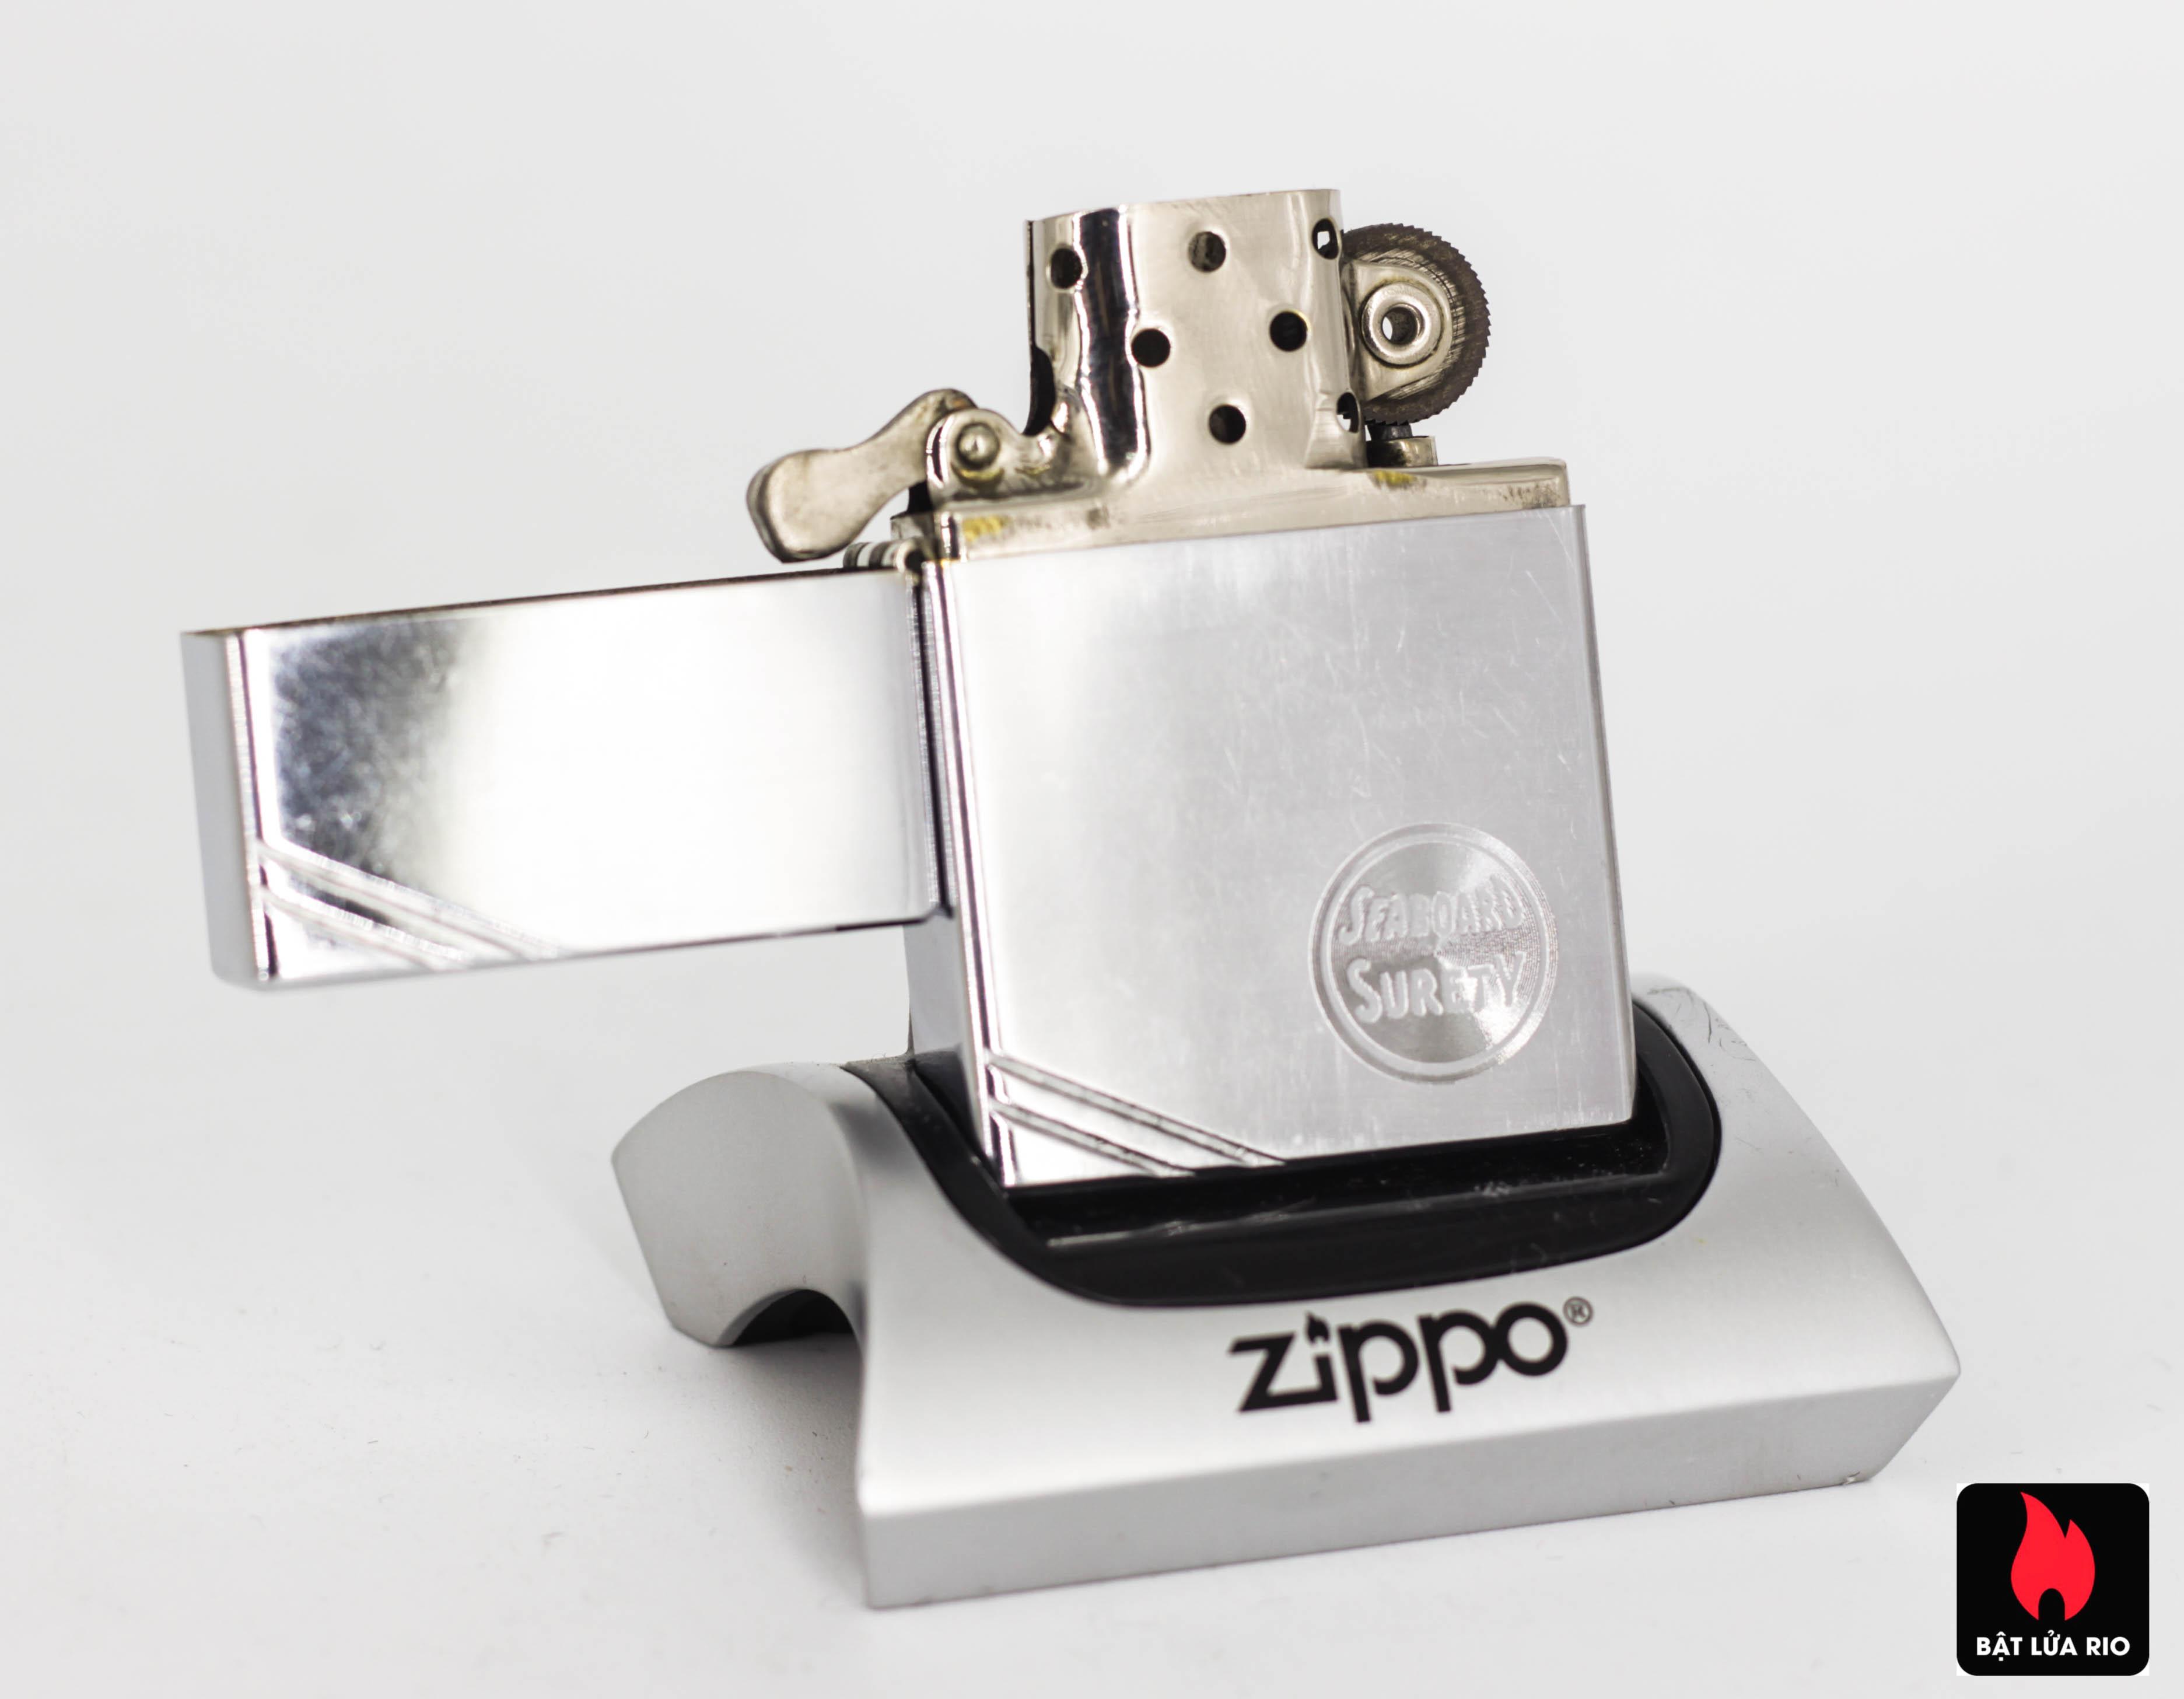 Zippo Xưa 1936 - Seabosrd Surety 6